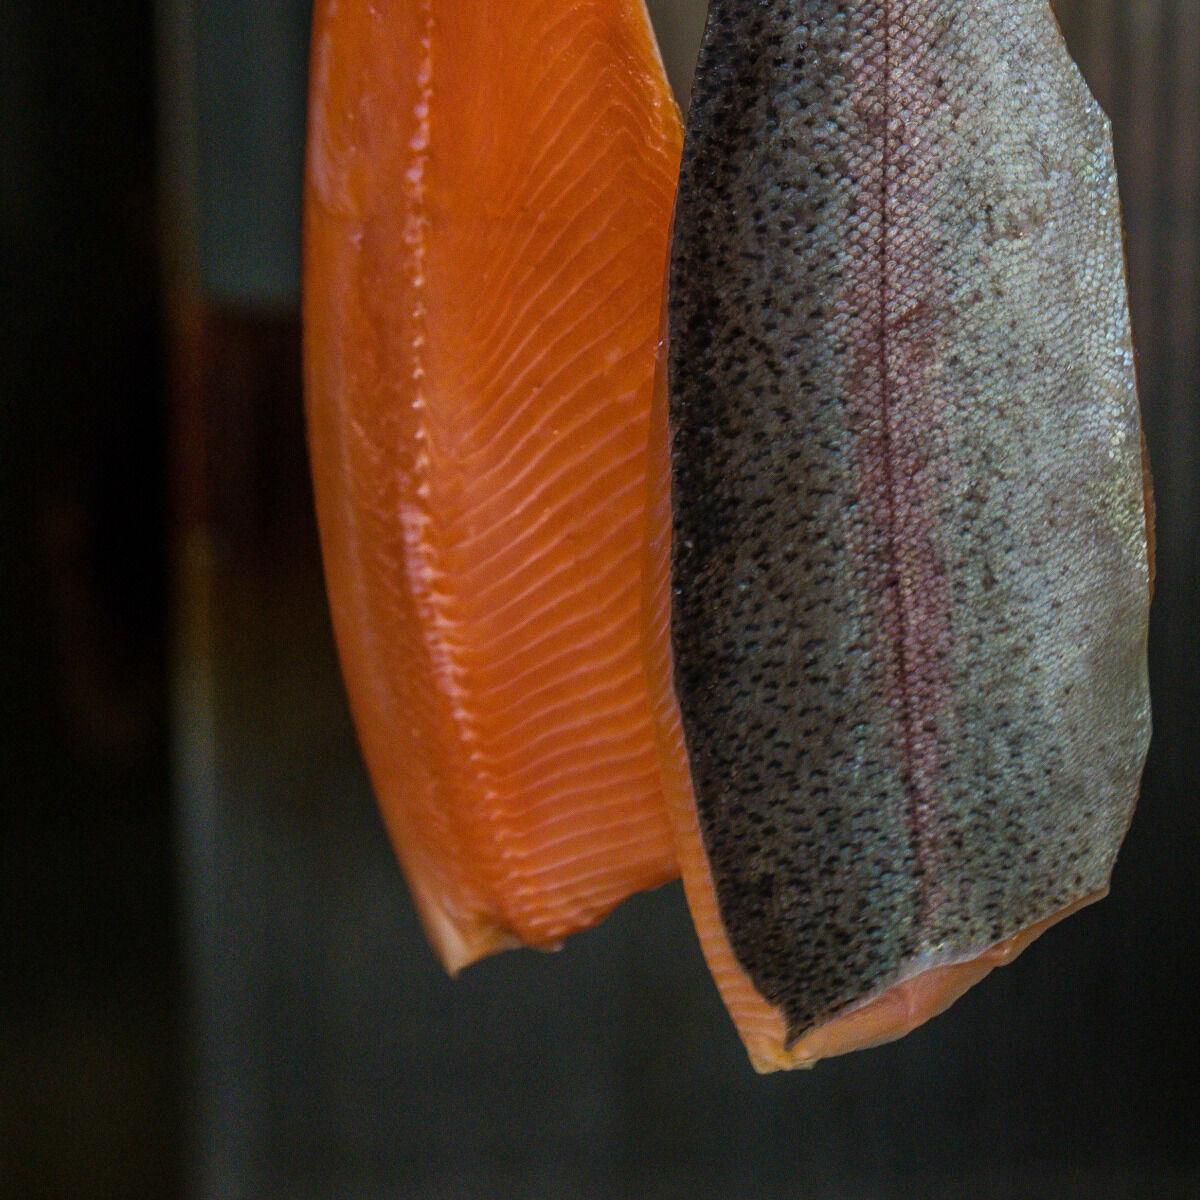 Pisciculture des eaux de l'Inval Filet De Truite Fumée À La Ficelle